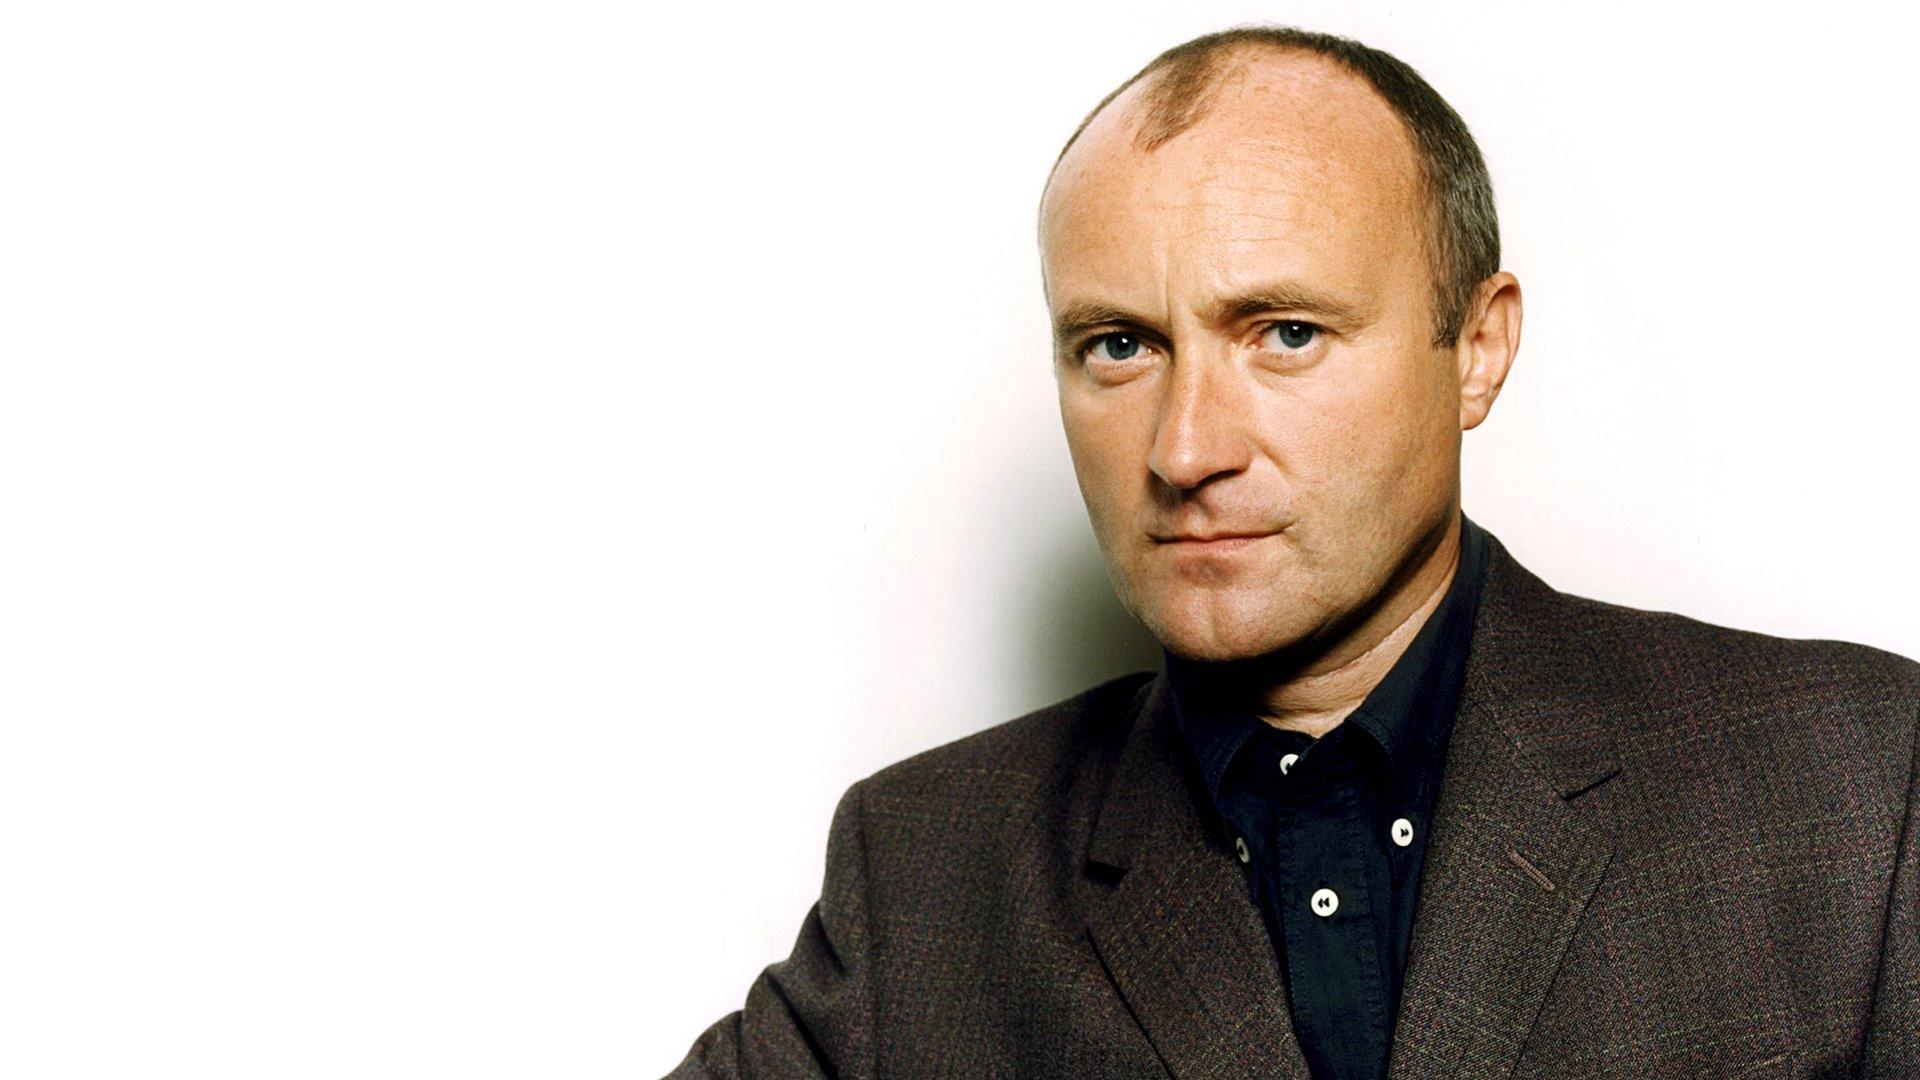 Phil Collins announces 2017 comeback tour